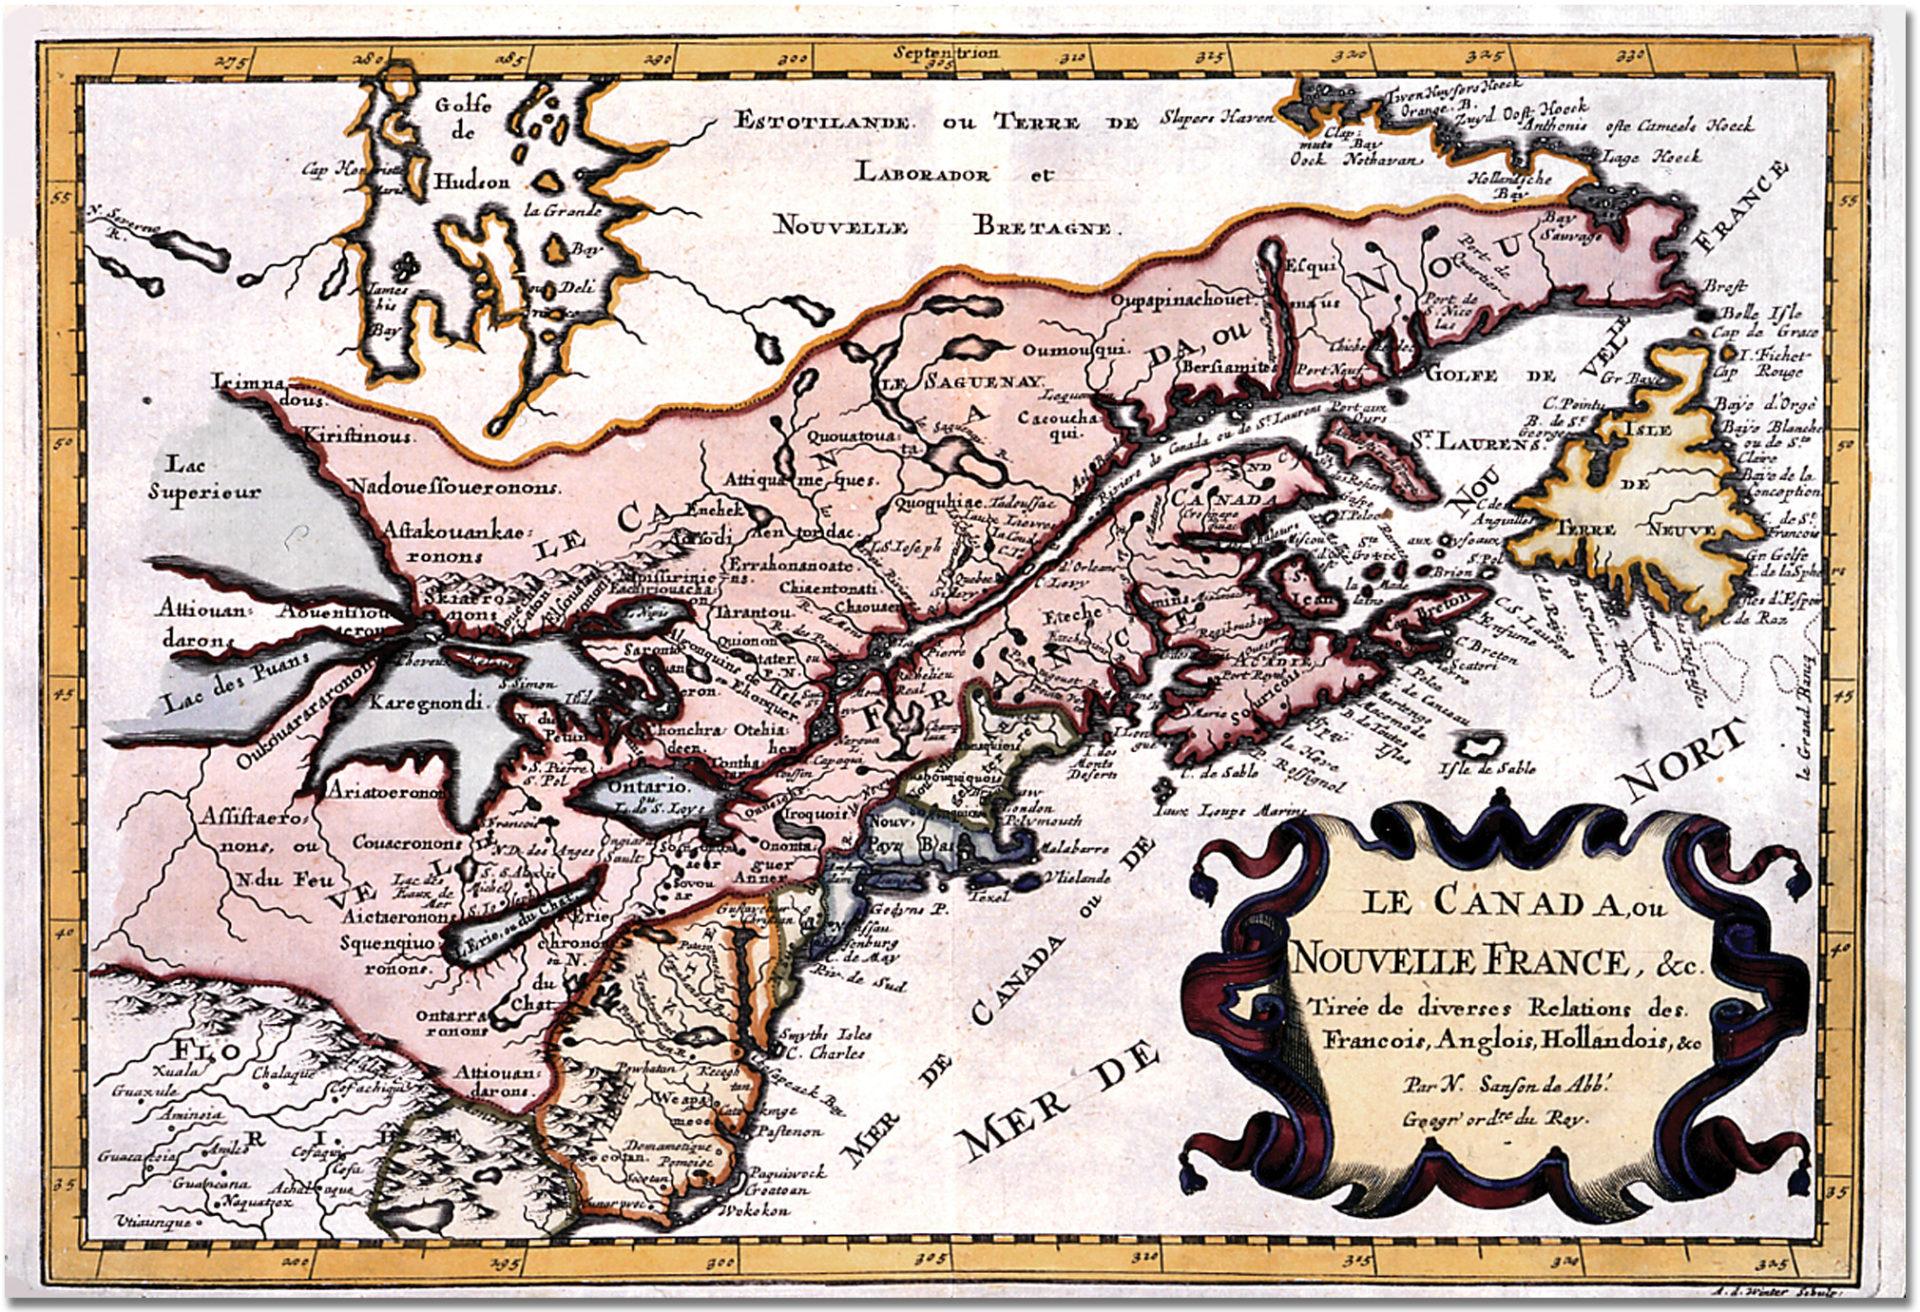 Le Canada ou Nouvelle France.